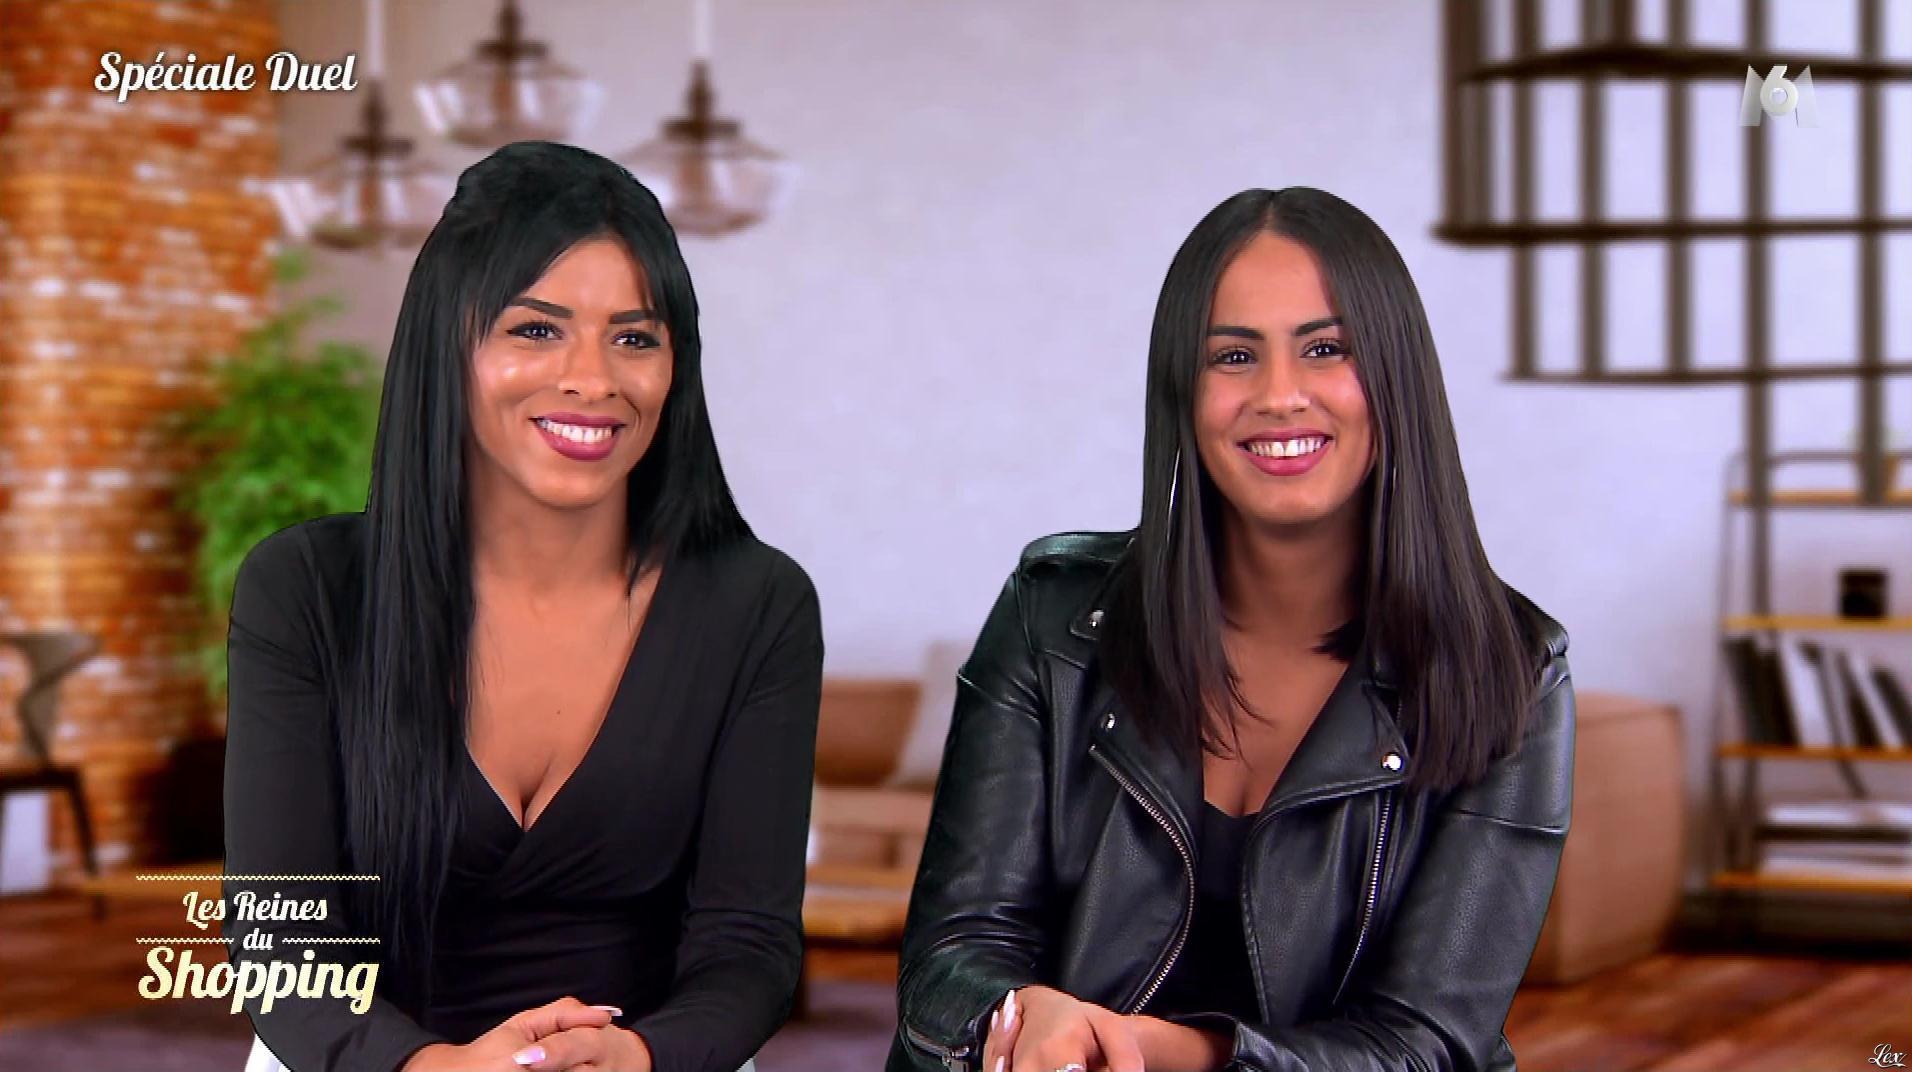 Des Candidates dans les Reines du Shopping. Diffusé à la télévision le 11/12/19.